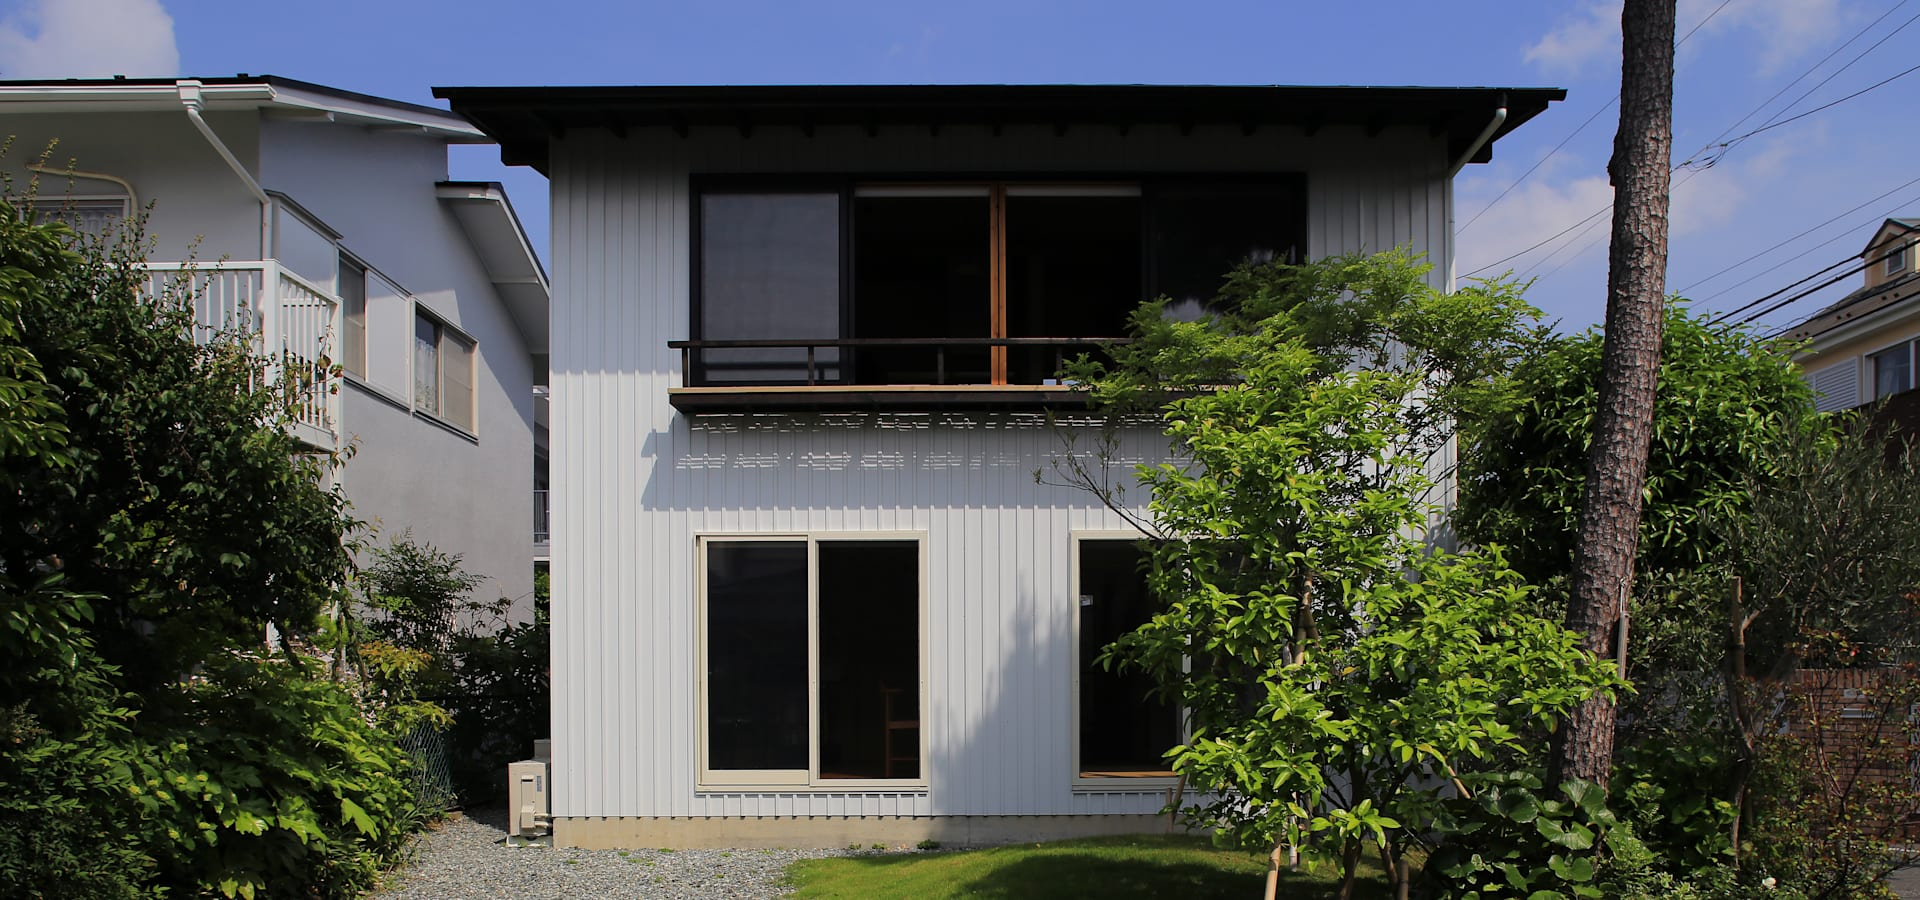 早田雄次郎建築設計事務所/Yujiro Hayata Architect & Associates